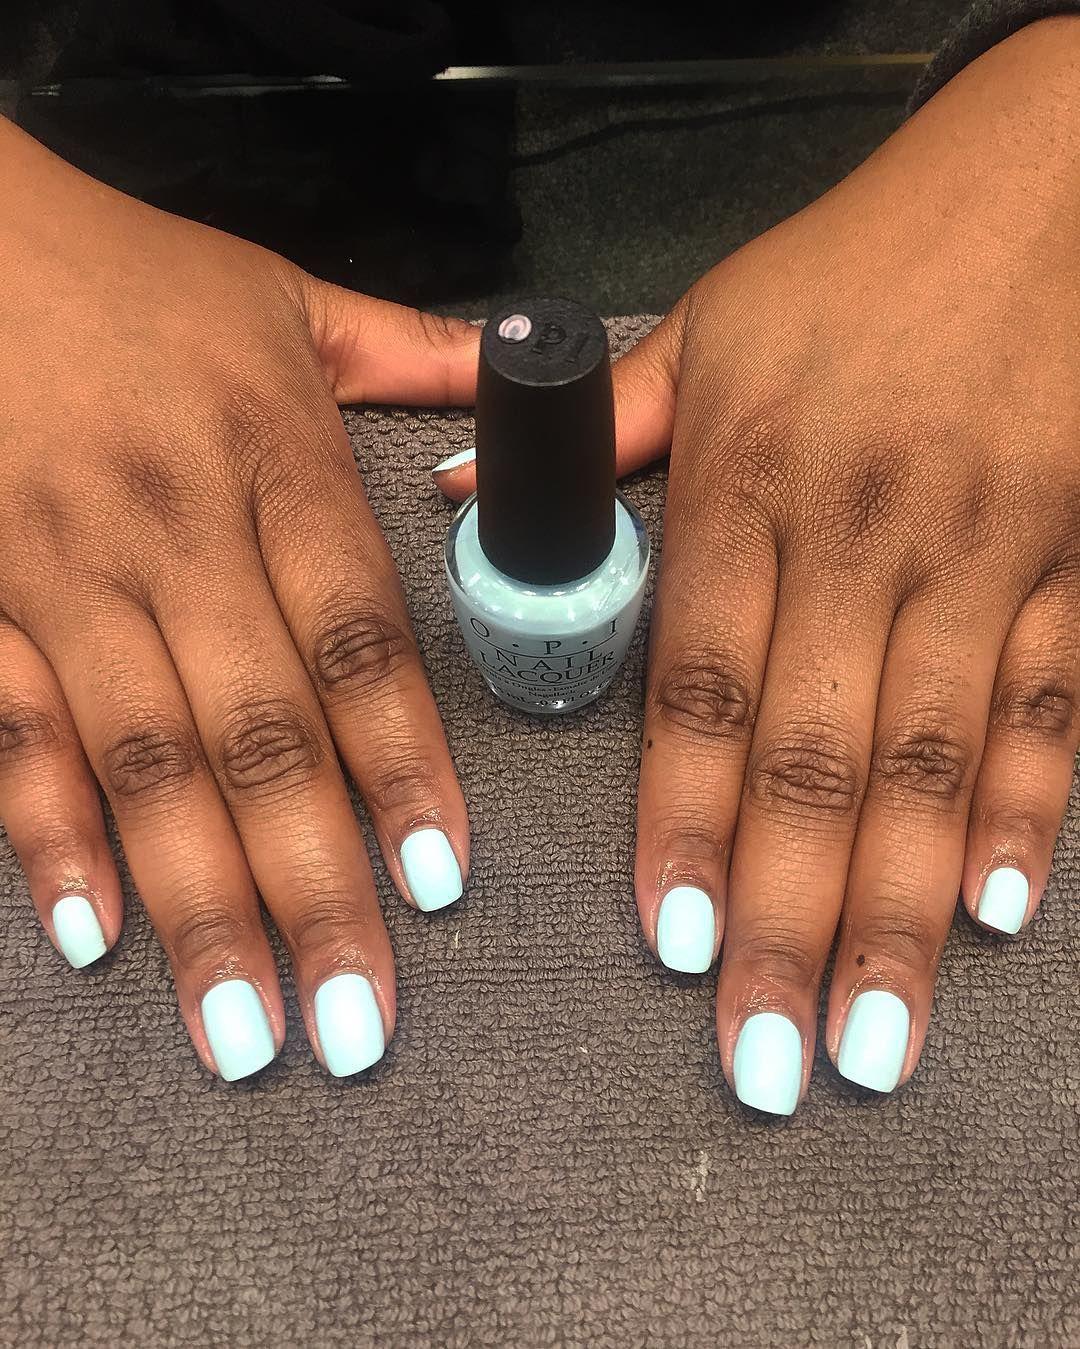 Opi Suzi Without A Paddle Nail Polish On Dark Skin Baby Blue Nail Polish On Dark Skin White Acrylic Nails Blue Nail Polish Yellow Nails